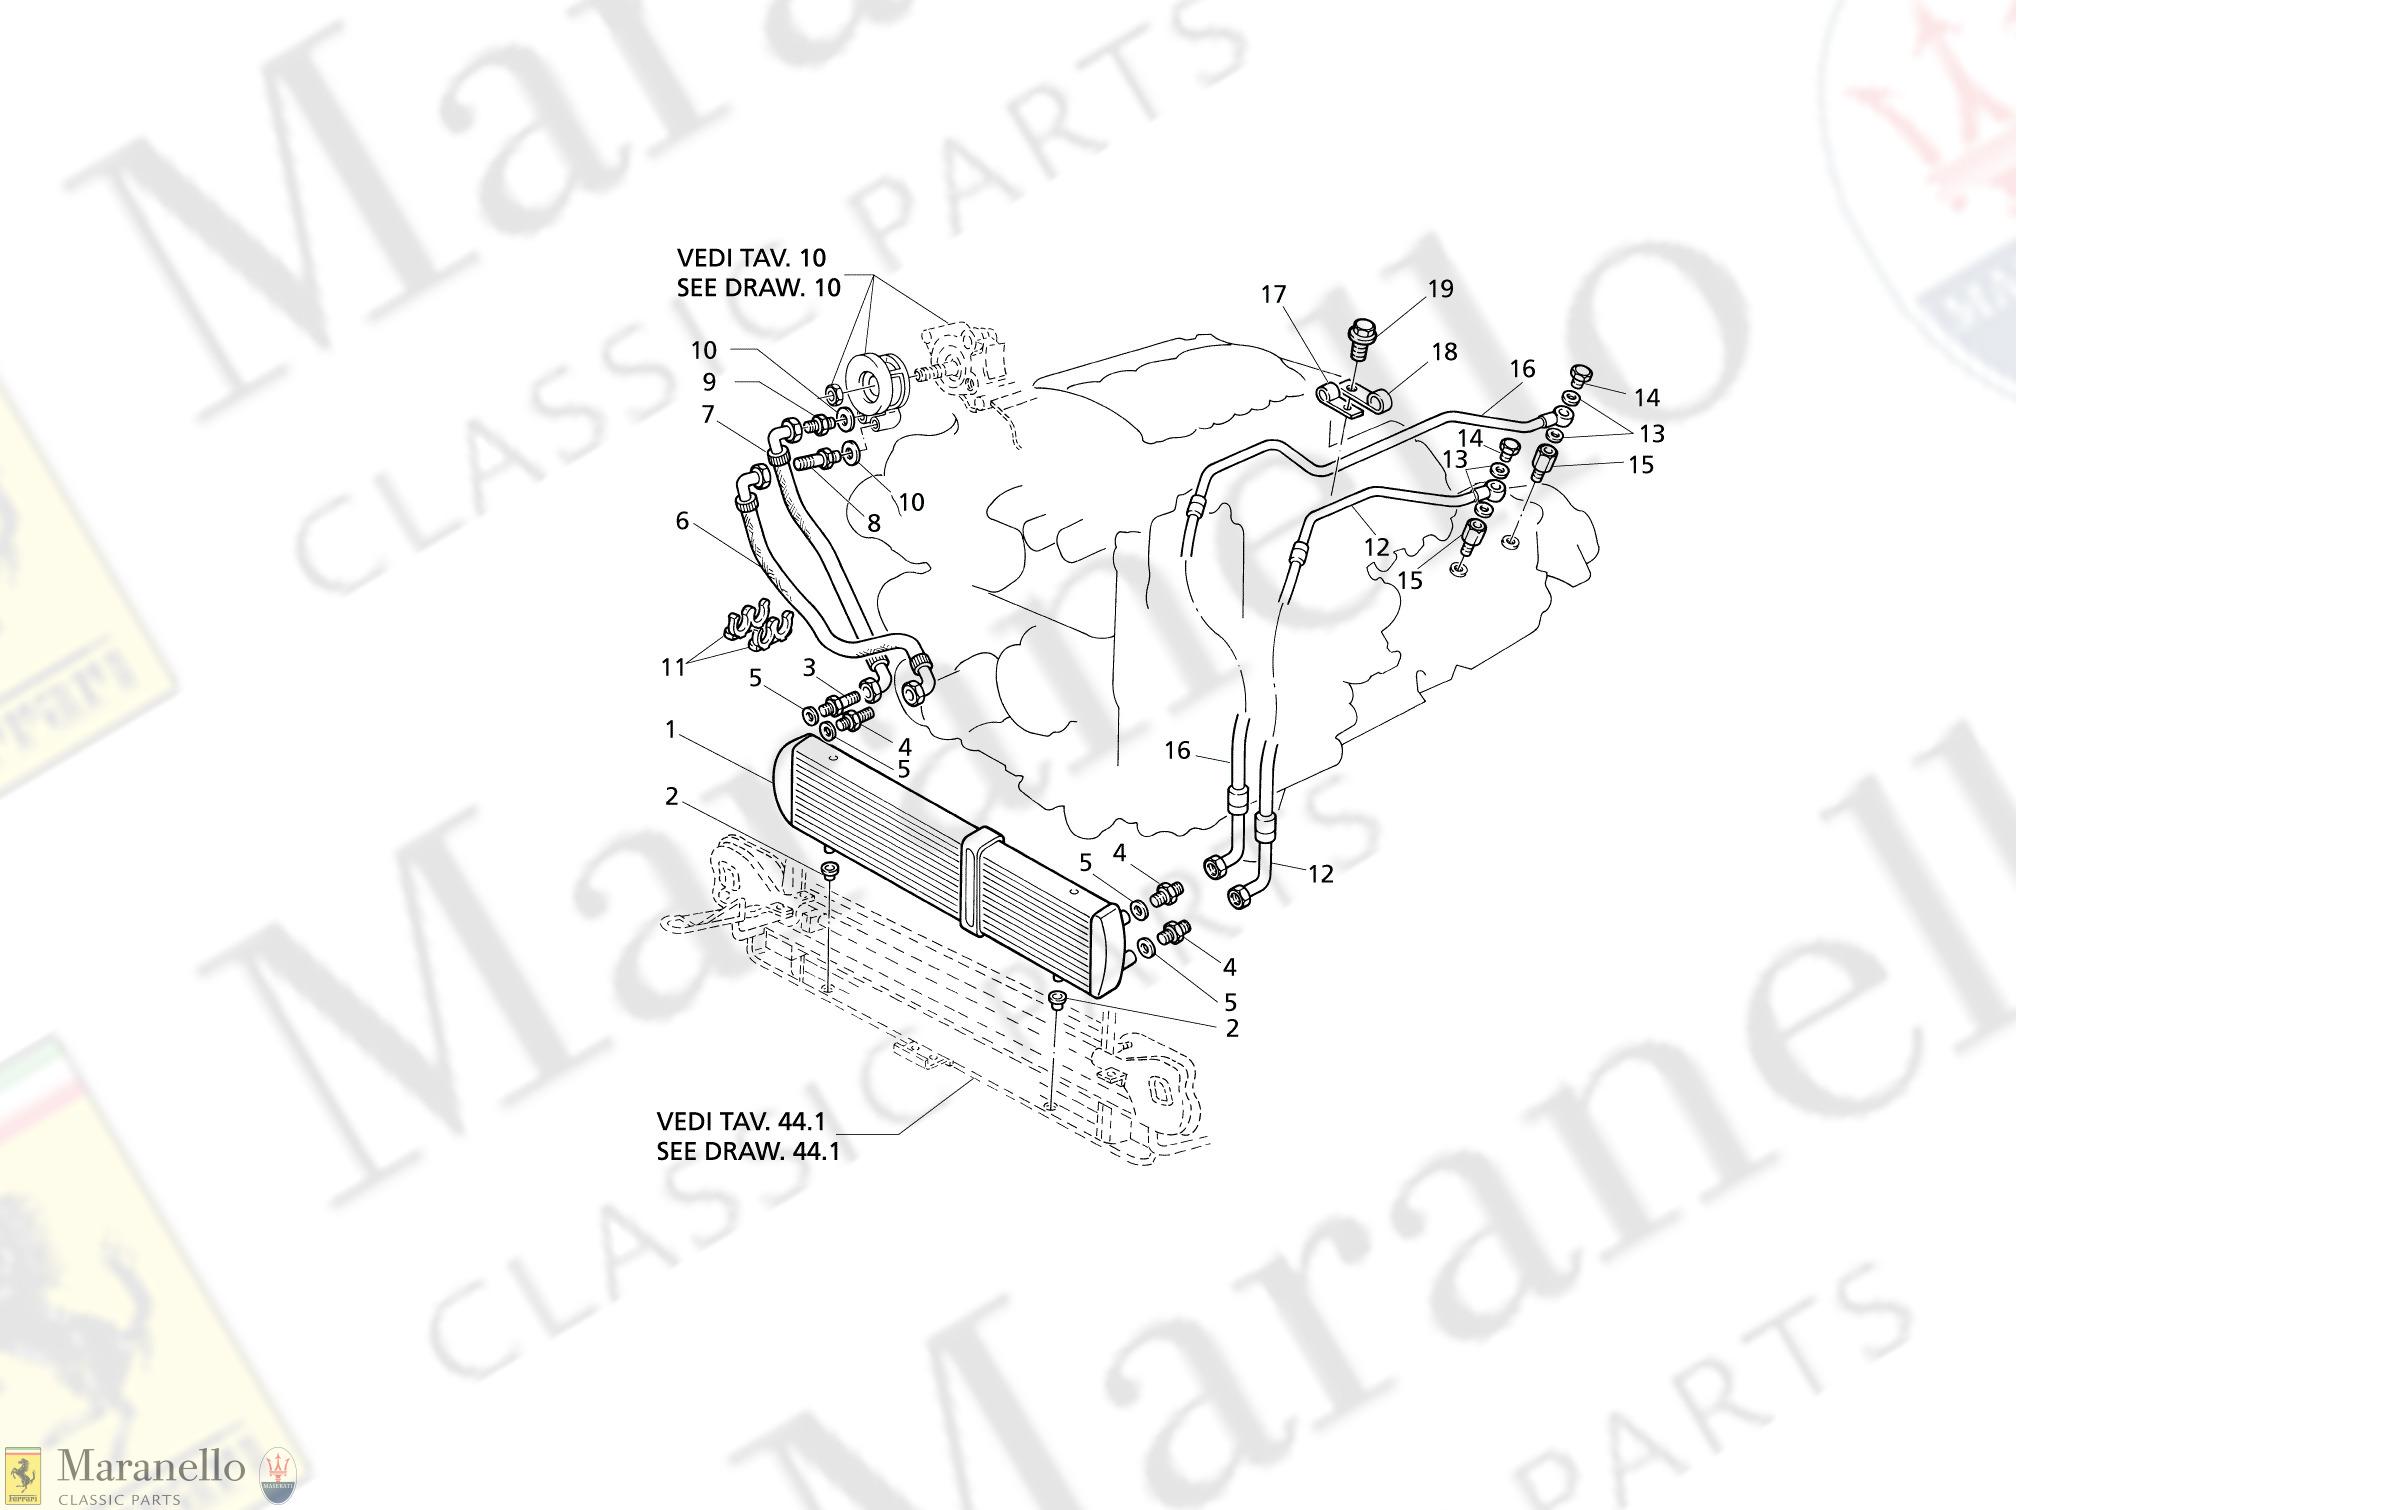 C 10.2 - C 102 - Engine Oil Cooling / At parts diagram for Maserati  QUATTROPORTE EVOLUZIONE V8 | Maranello Classic PartsMaranello Classic Parts